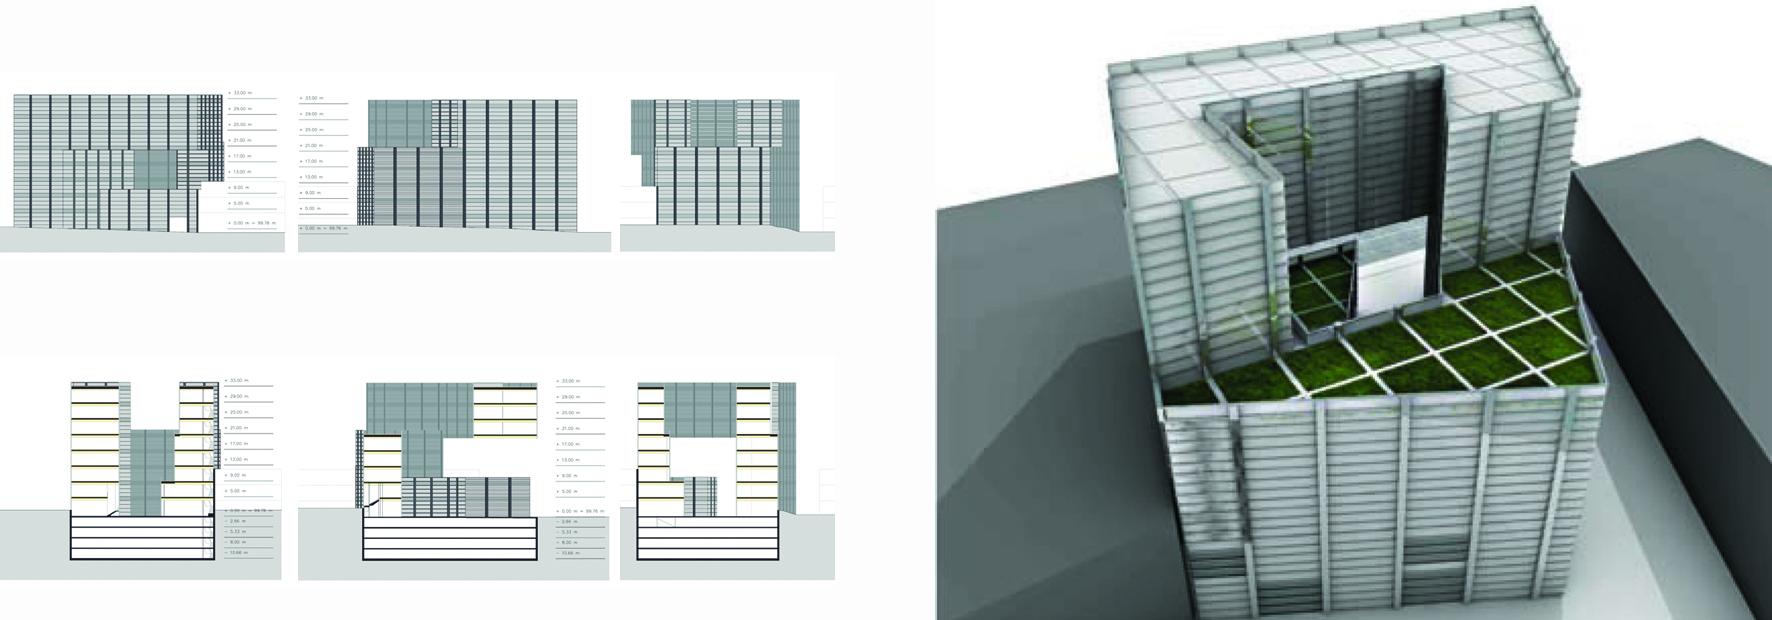 singularq-architecture-lab-arquitectura